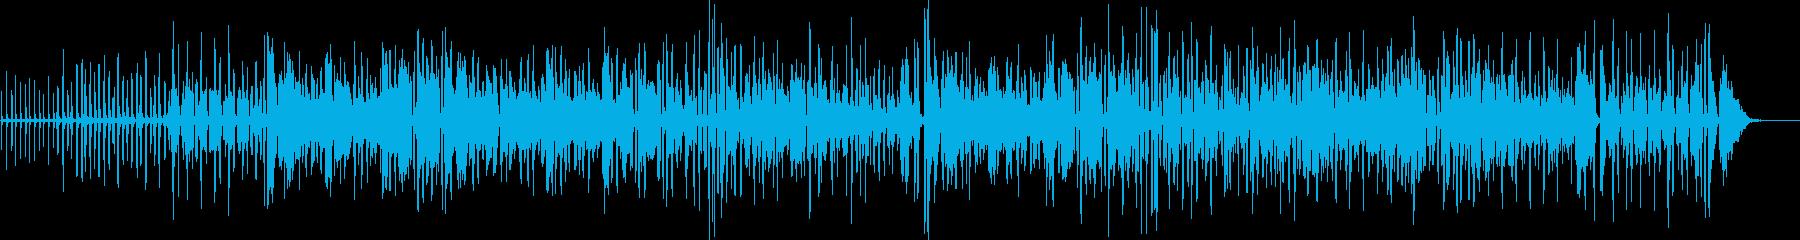 陽気で明るい生演奏アコーディオンのBGMの再生済みの波形